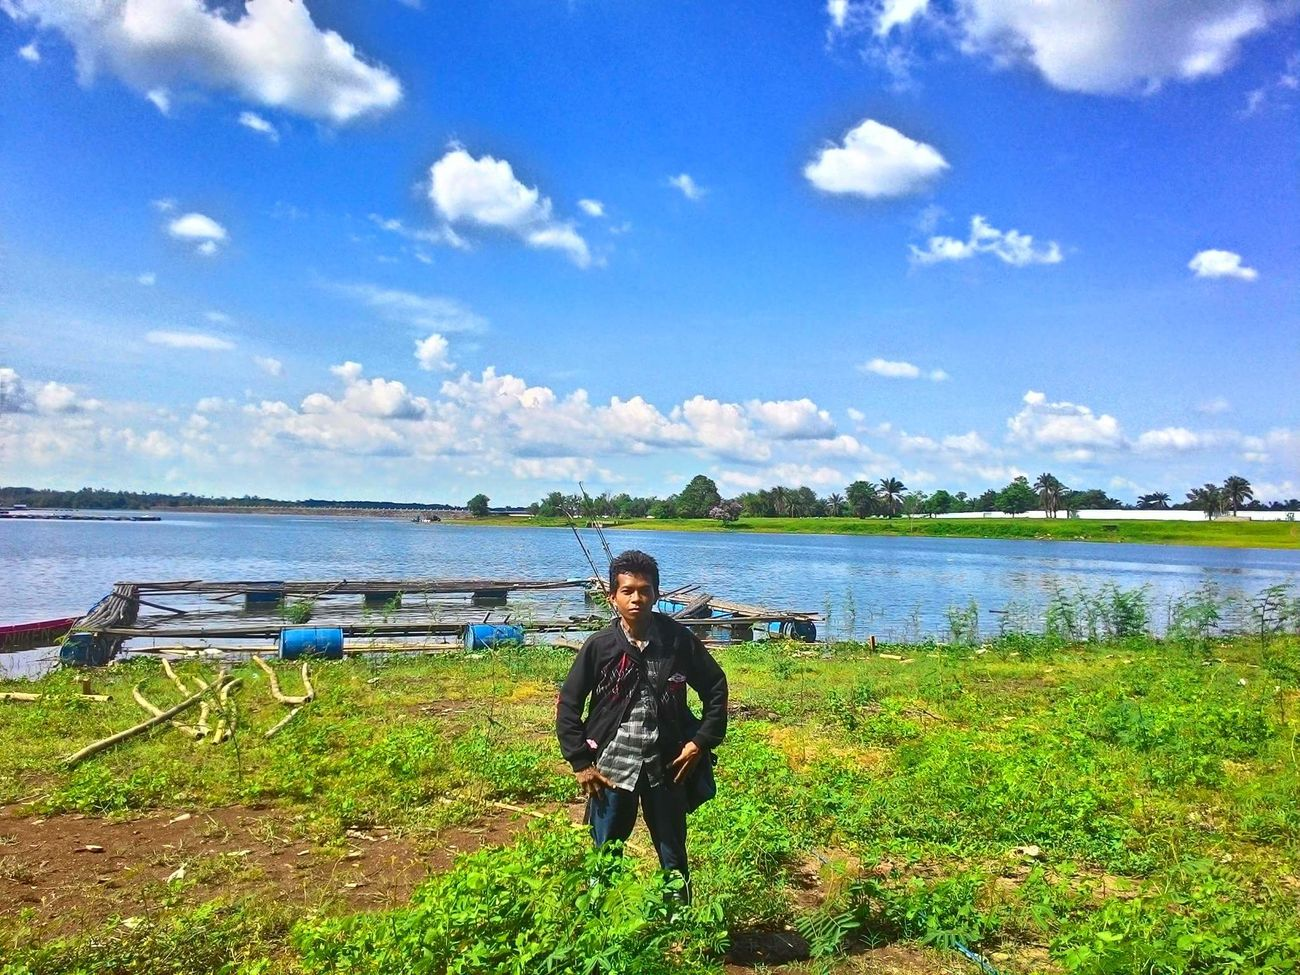 Asus Zenfone 5. Locasi waduk way rarem lampung utara Kotabumi Lampung Utara First Eyeem Photo